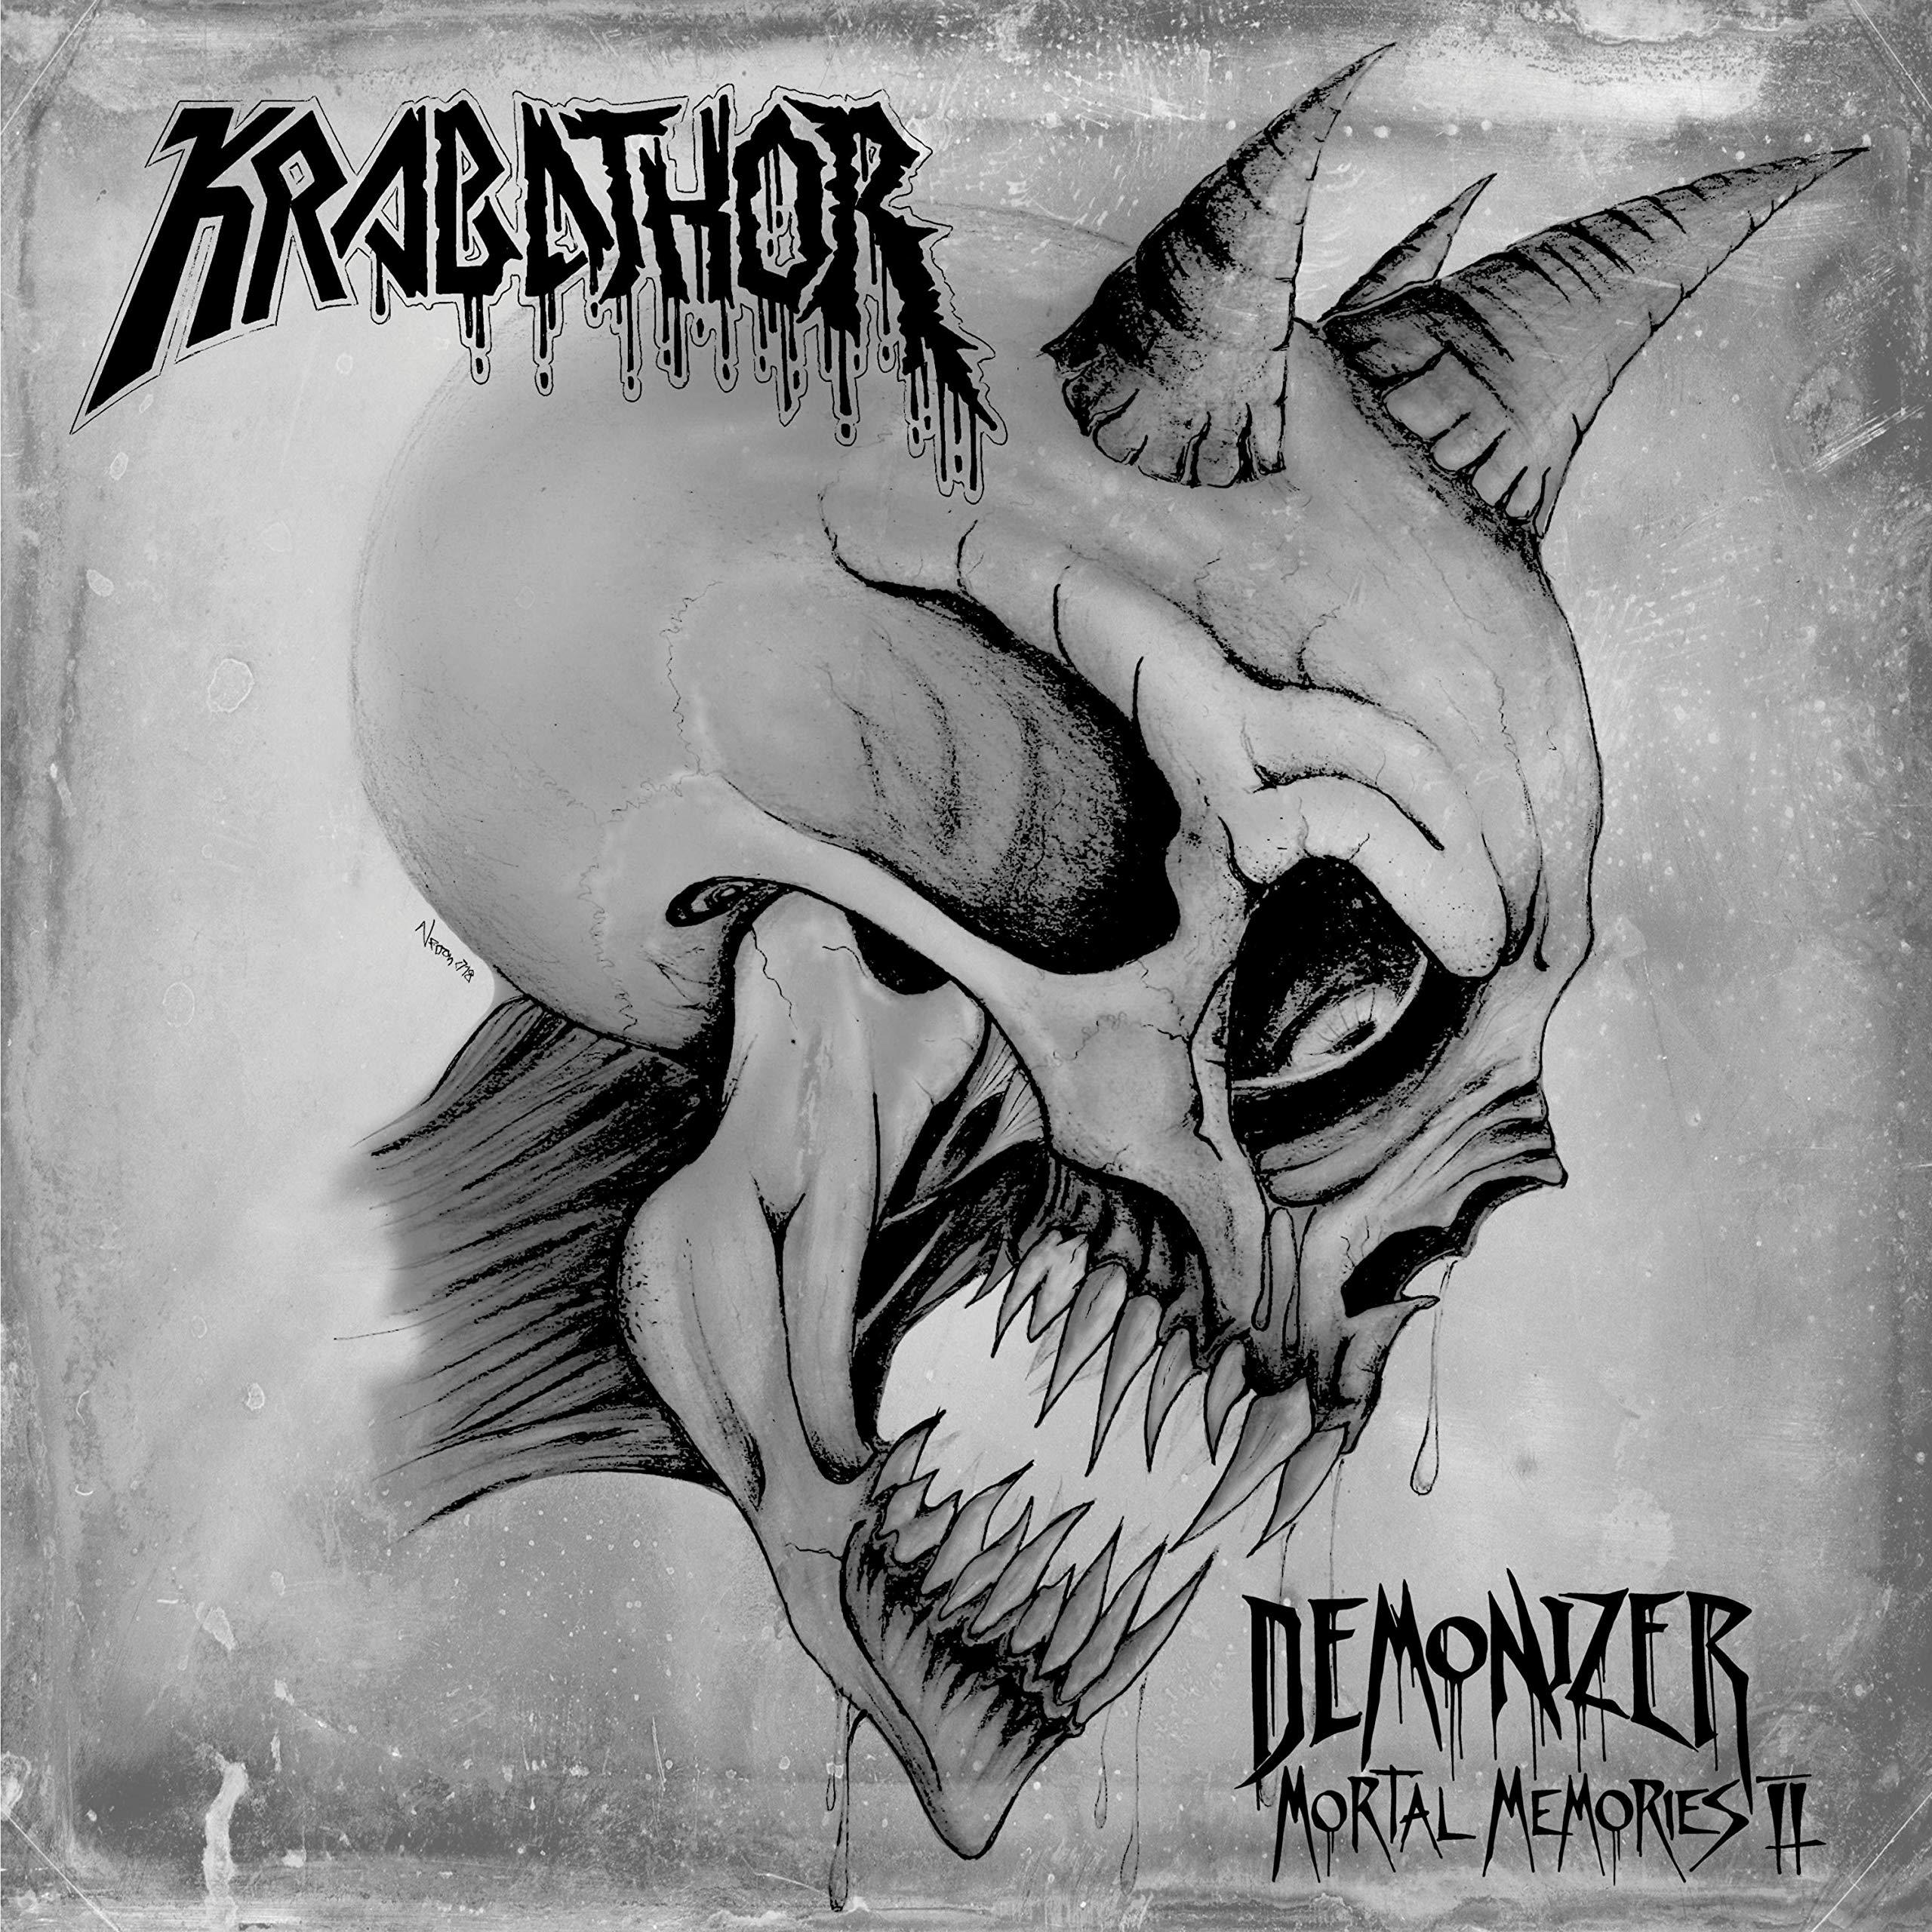 Krabathor - Demonizer - Mortal Memories II (2021) [FLAC] Download